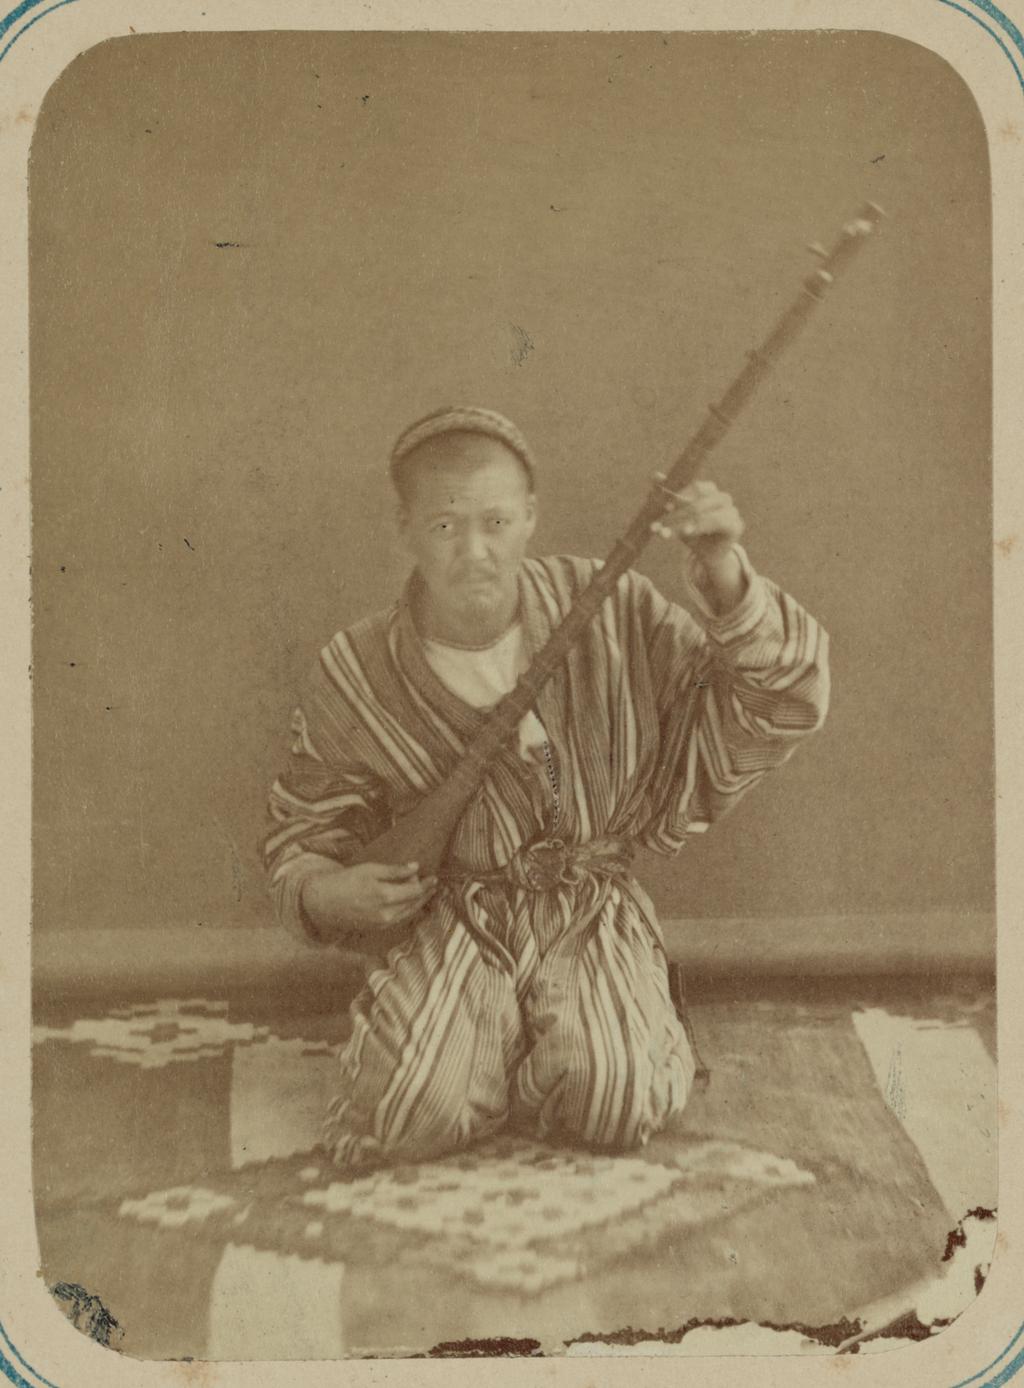 Музыканты. Музыкант, играющий на тамбуре, струнном инструменте с длинным грифом